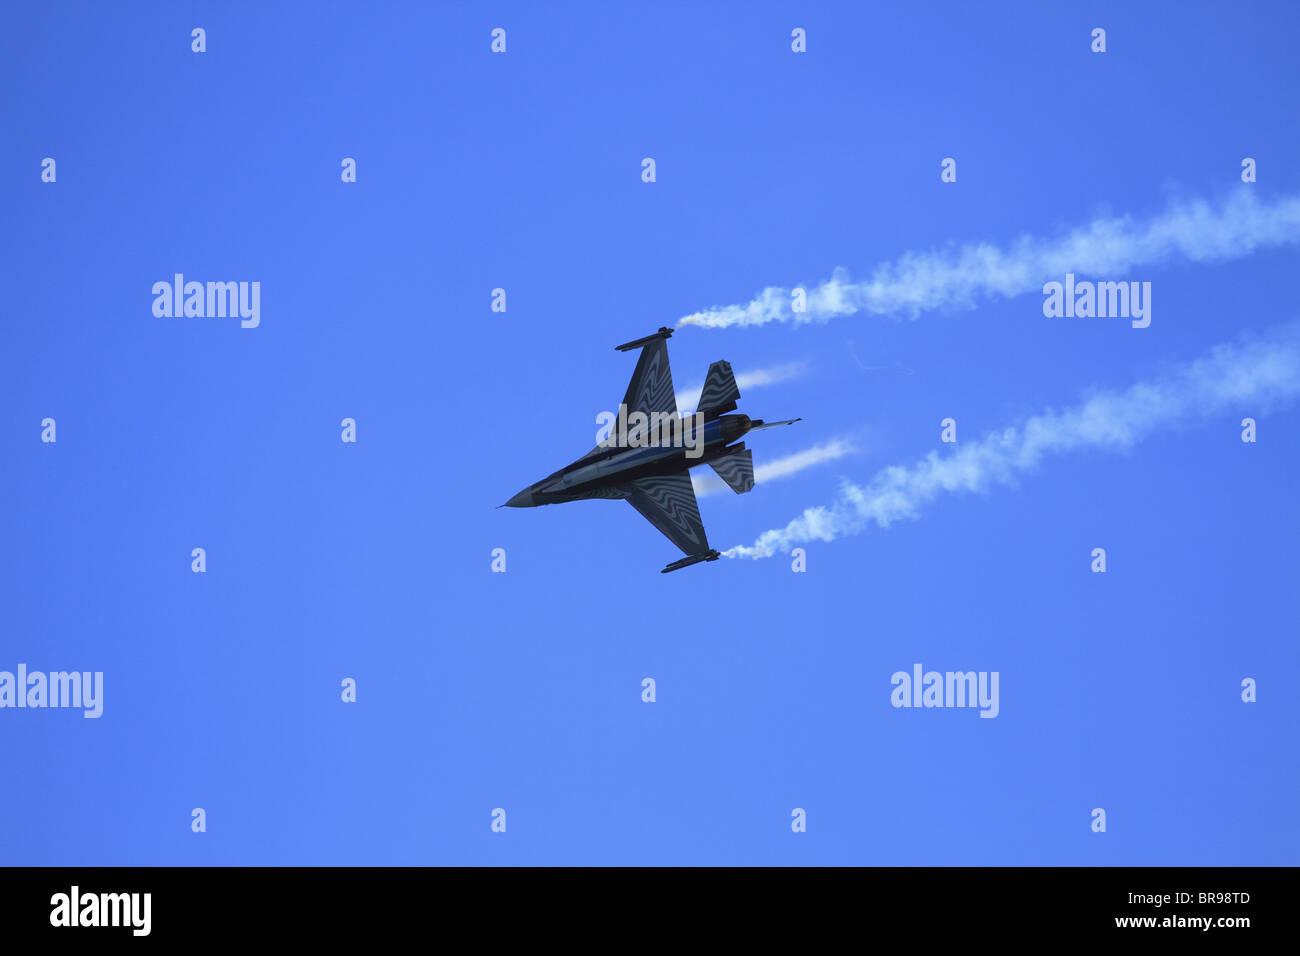 Une armée de l'air belge F16 de Lockheed Martin F-16 Fighting Falcon) Fighter Jet effectue au spectacle aérien d'Eastbourne, East Sussex, Angleterre Banque D'Images